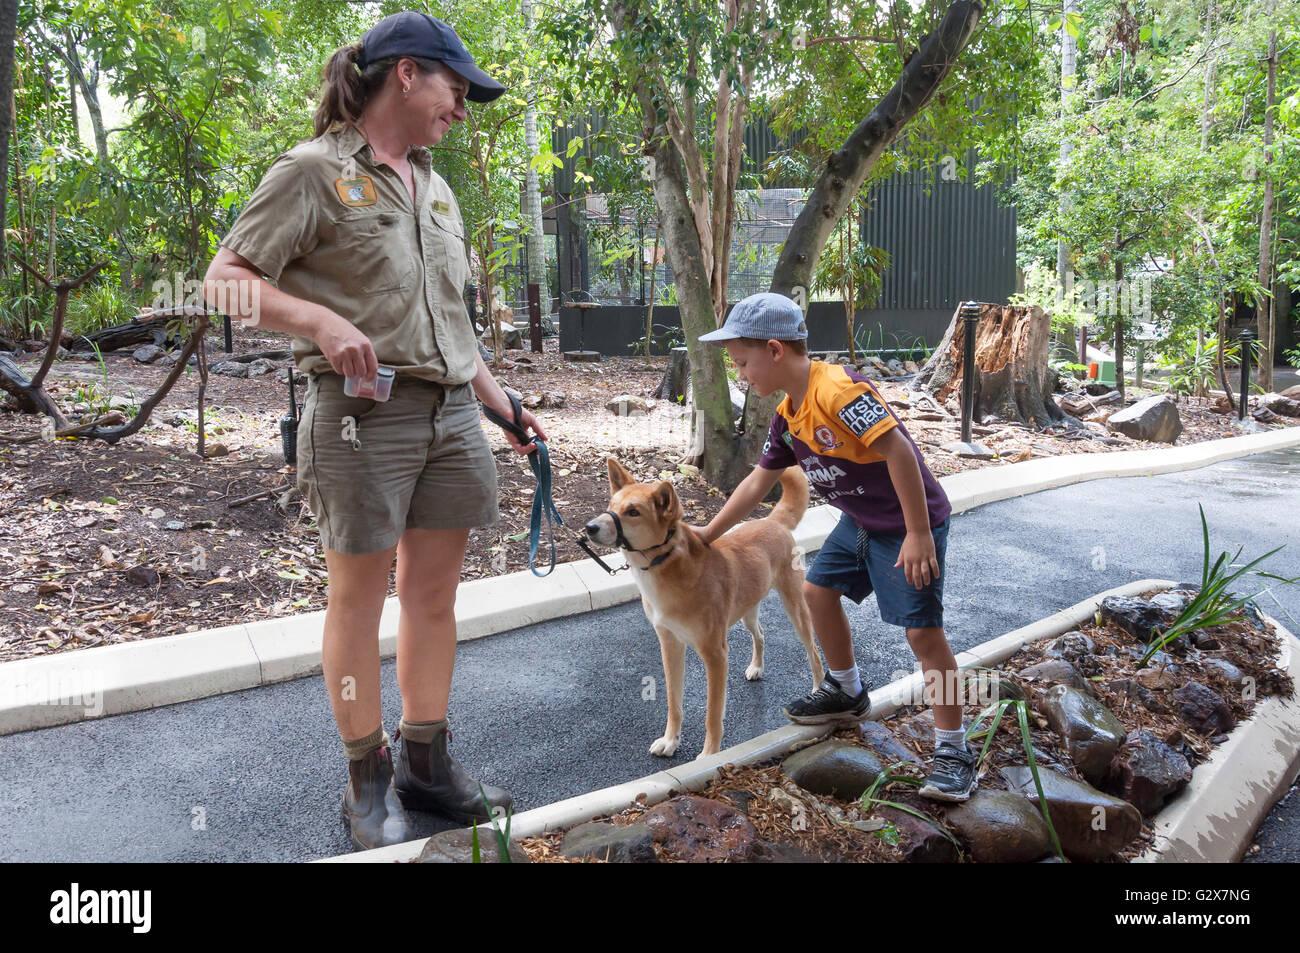 Guida del parco con Australian Dingo del Lone Pine Koala Sanctuary, Fig Tree Pocket, Brisbane, Queensland, Australia Immagini Stock